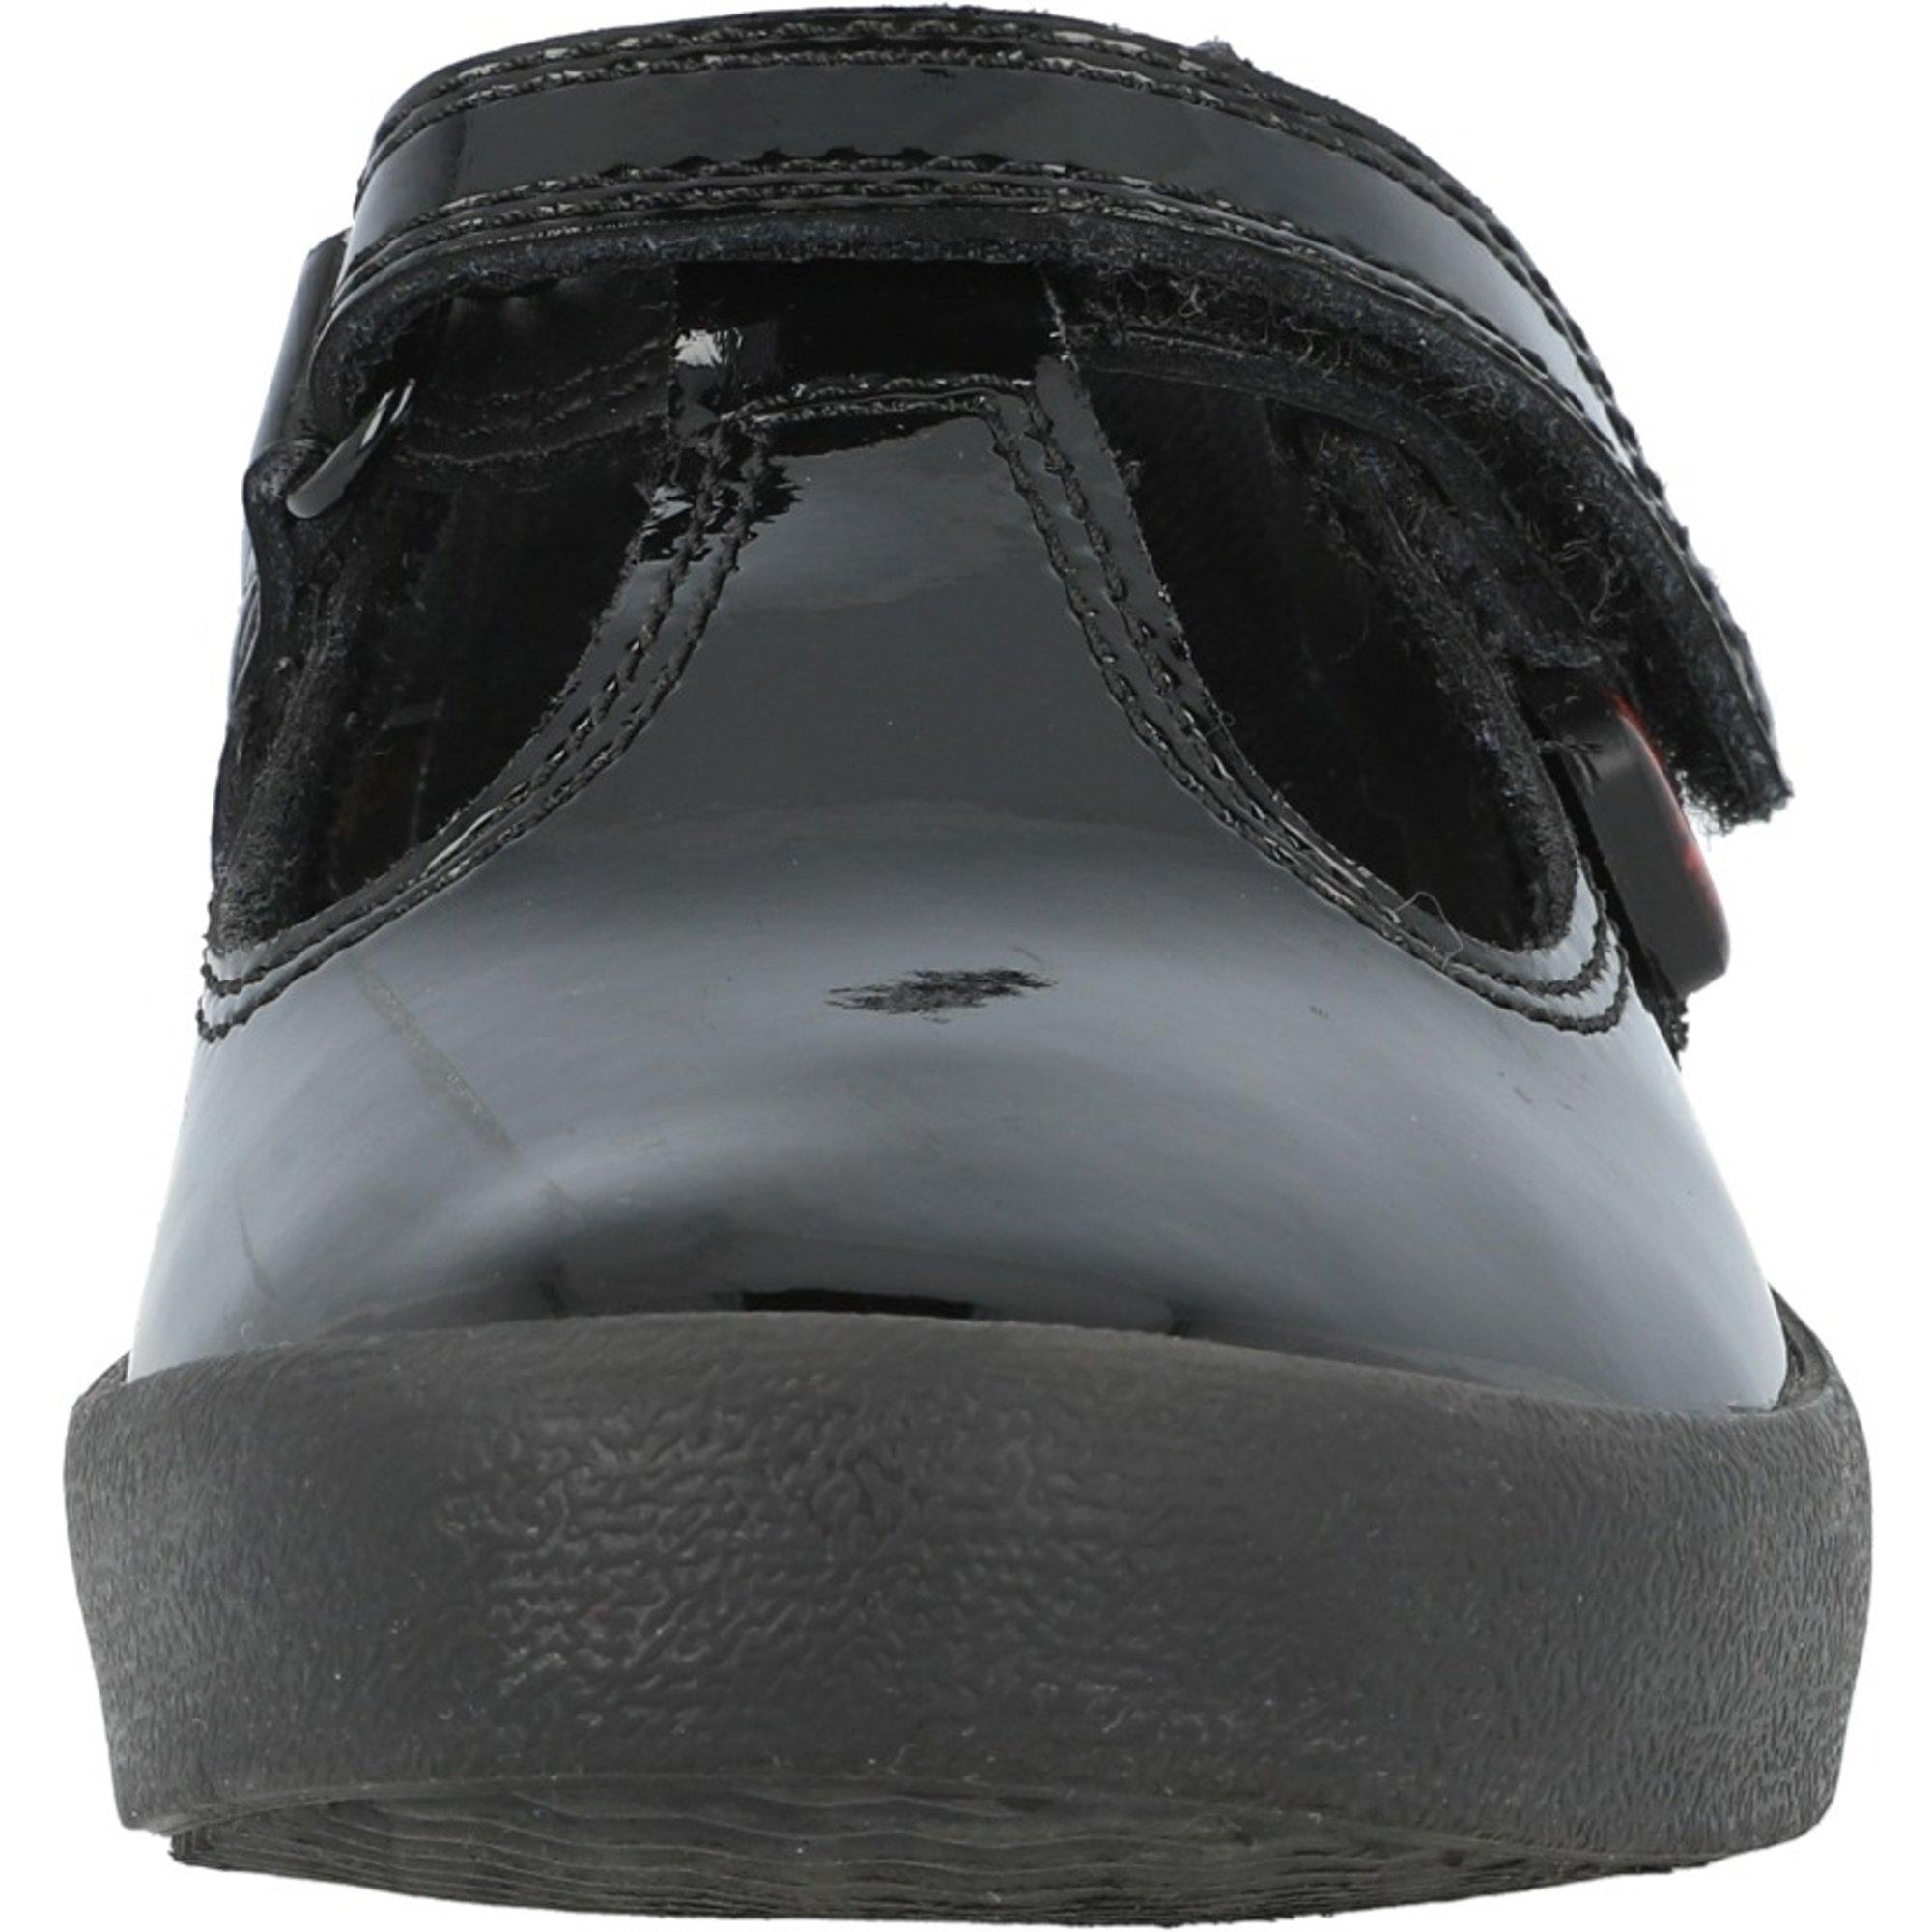 Kickers Kariko T-Strap I Black Patent Leather